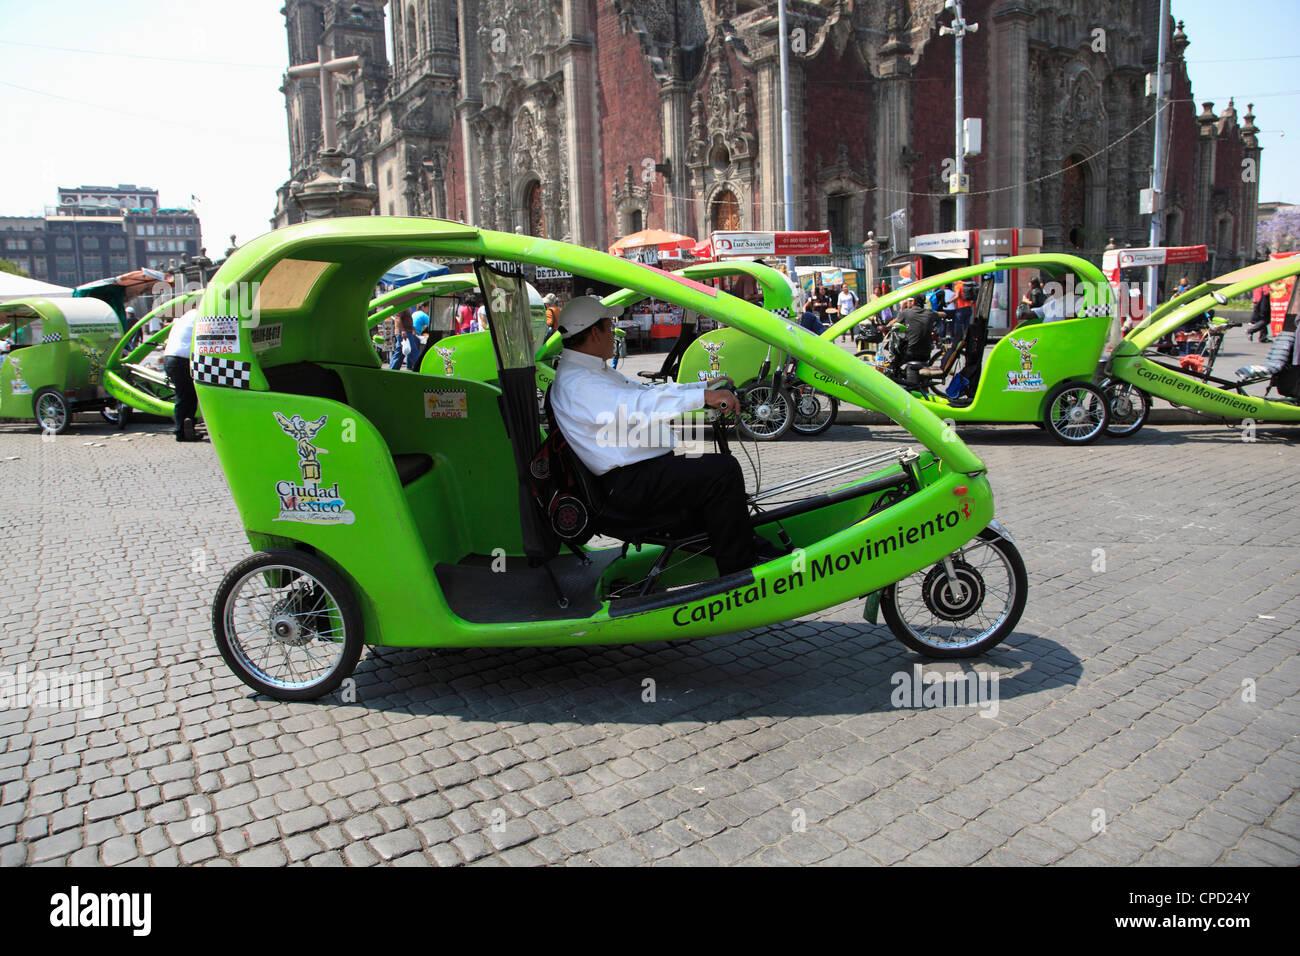 Eco friendly cycle rickshaw, Zocalo, Plaza de la Constitucion, Mexico City, Mexico, North America - Stock Image